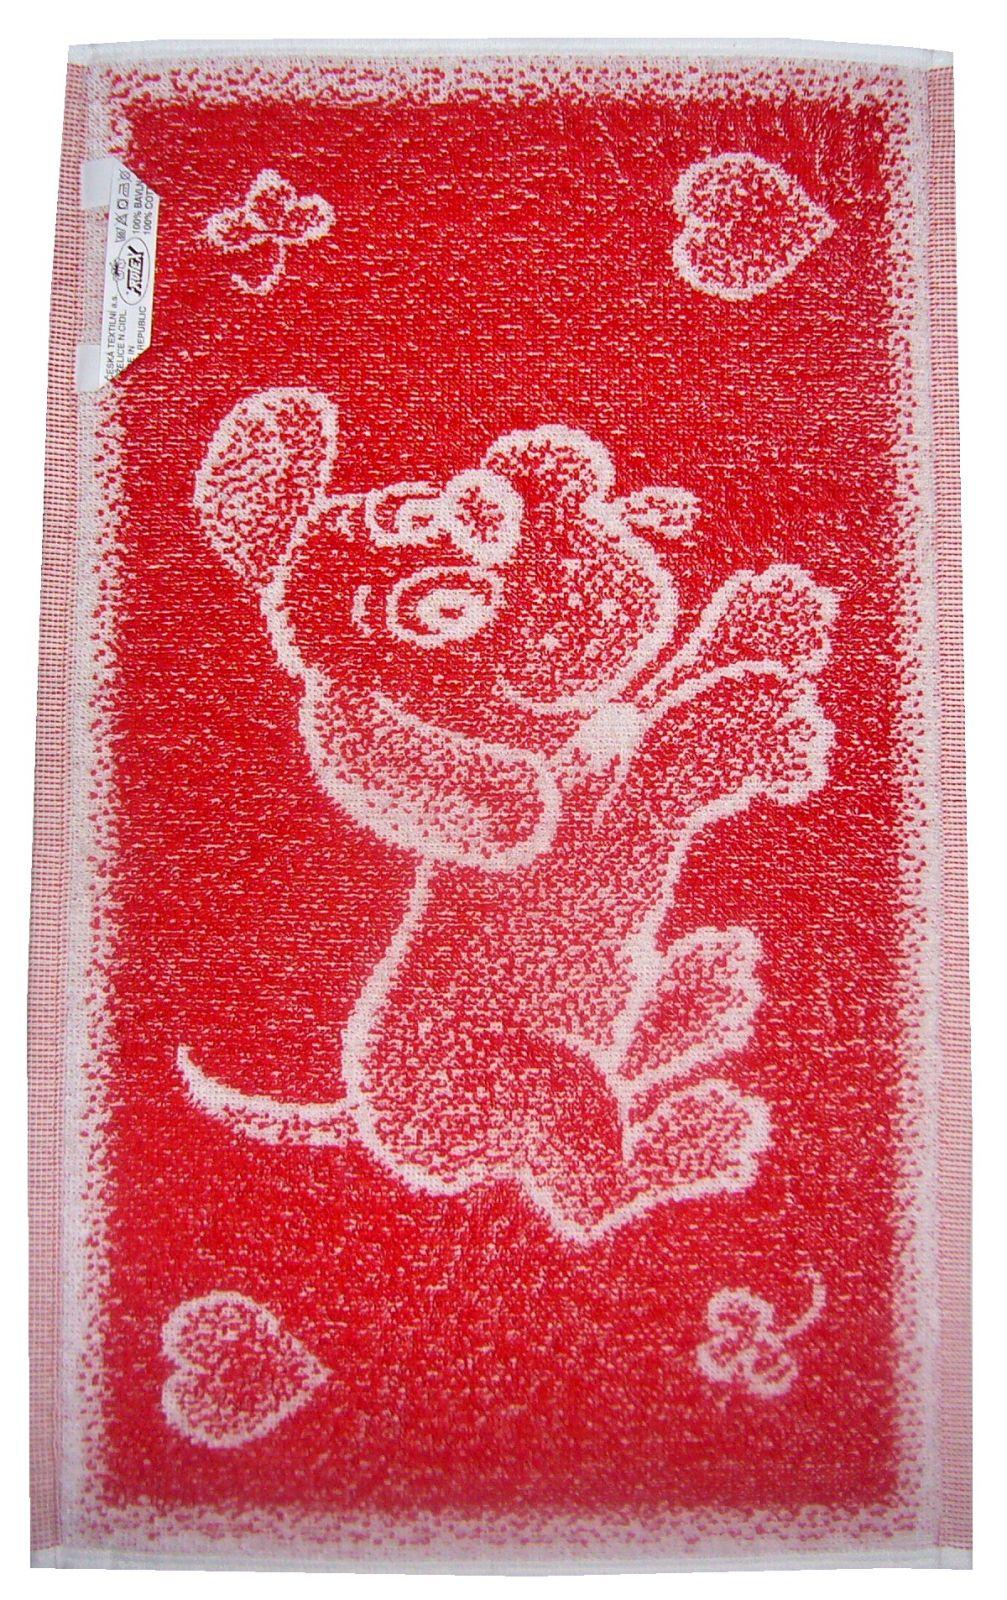 Dětský froté ručník Pejsek červený, rozměr 30x50 cm.